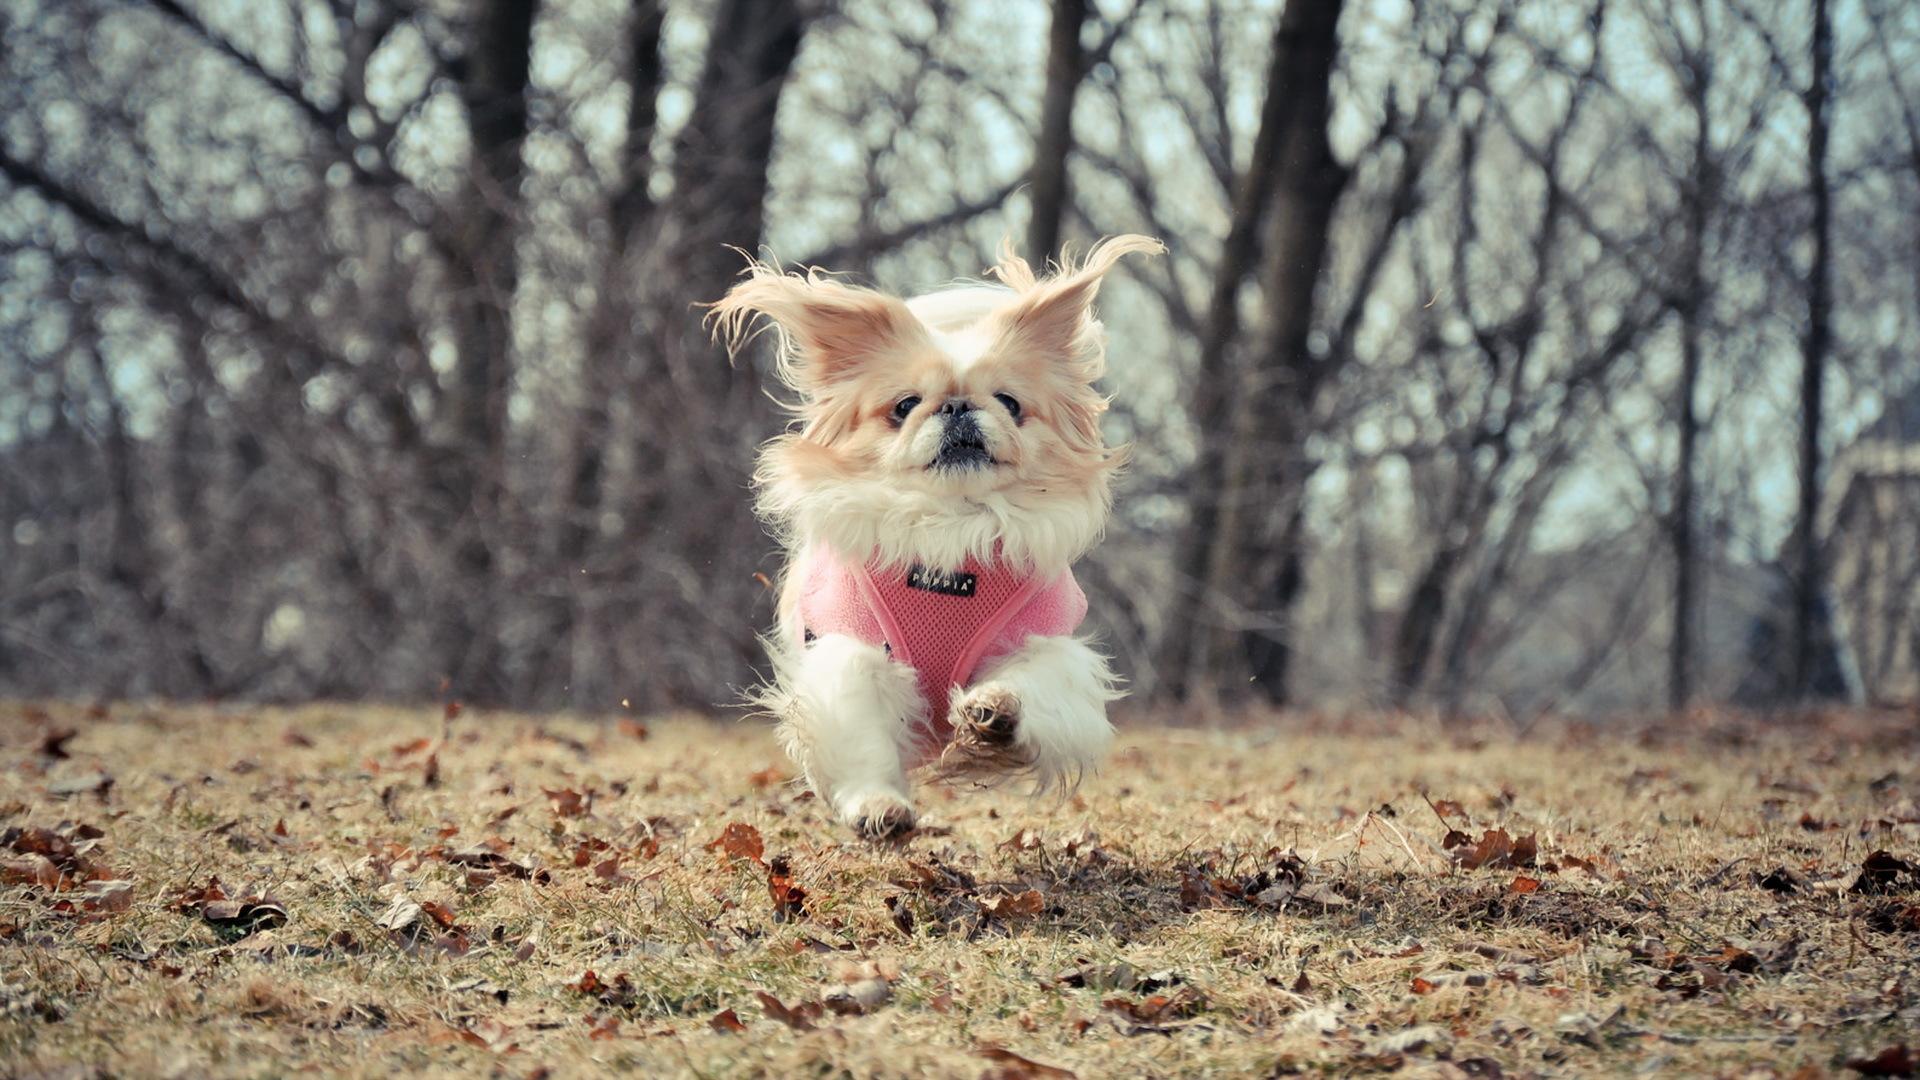 Мчащийся собачка скачать